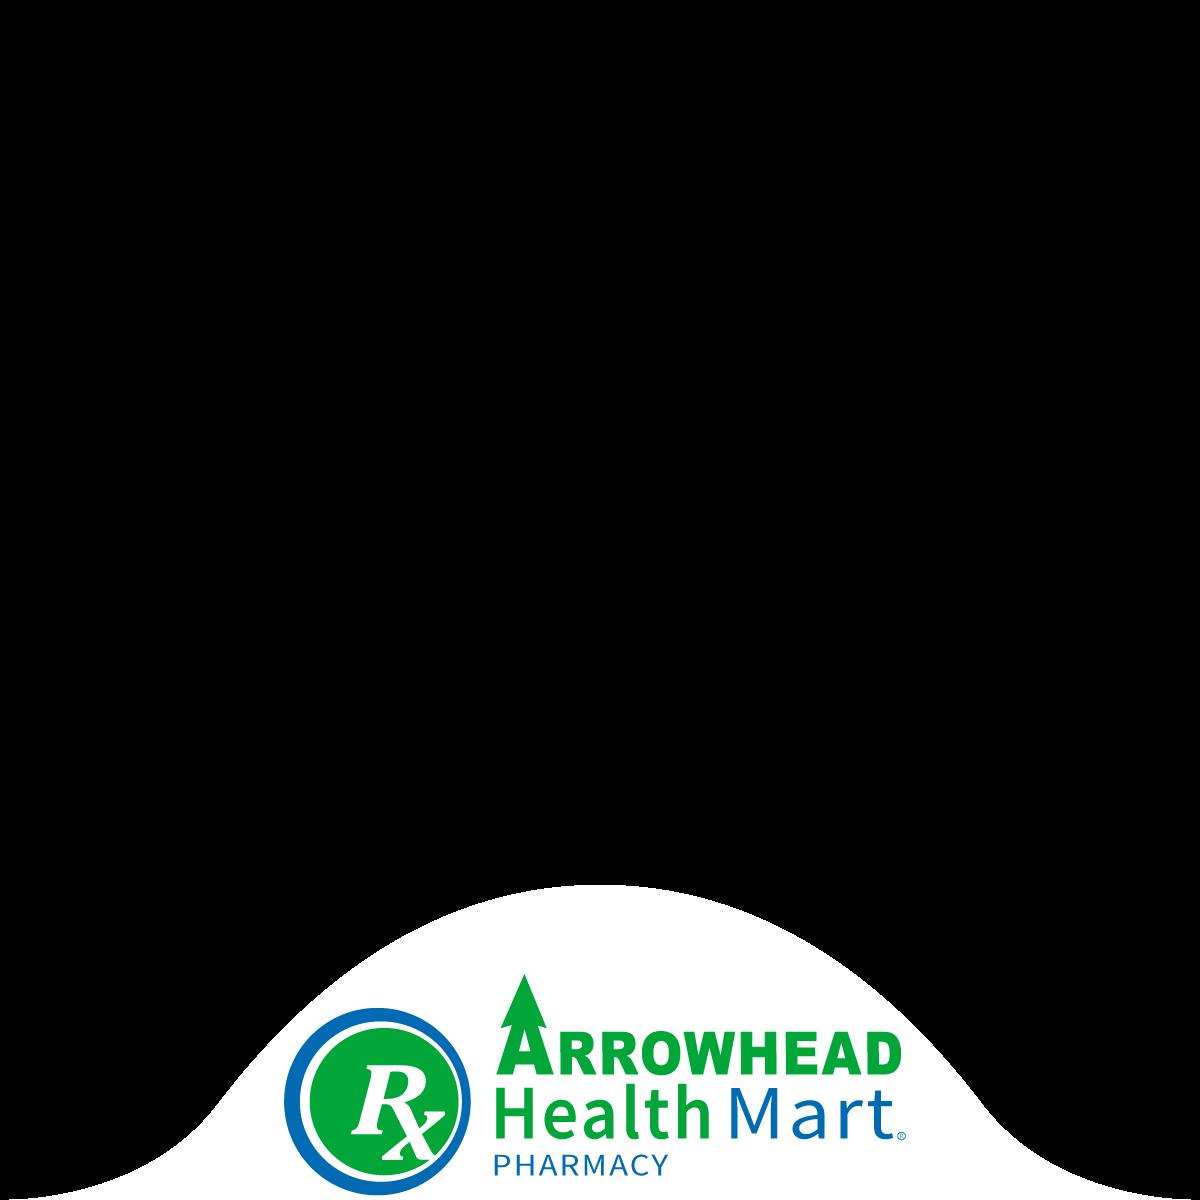 Arrowhead Healthmart Pharmacy